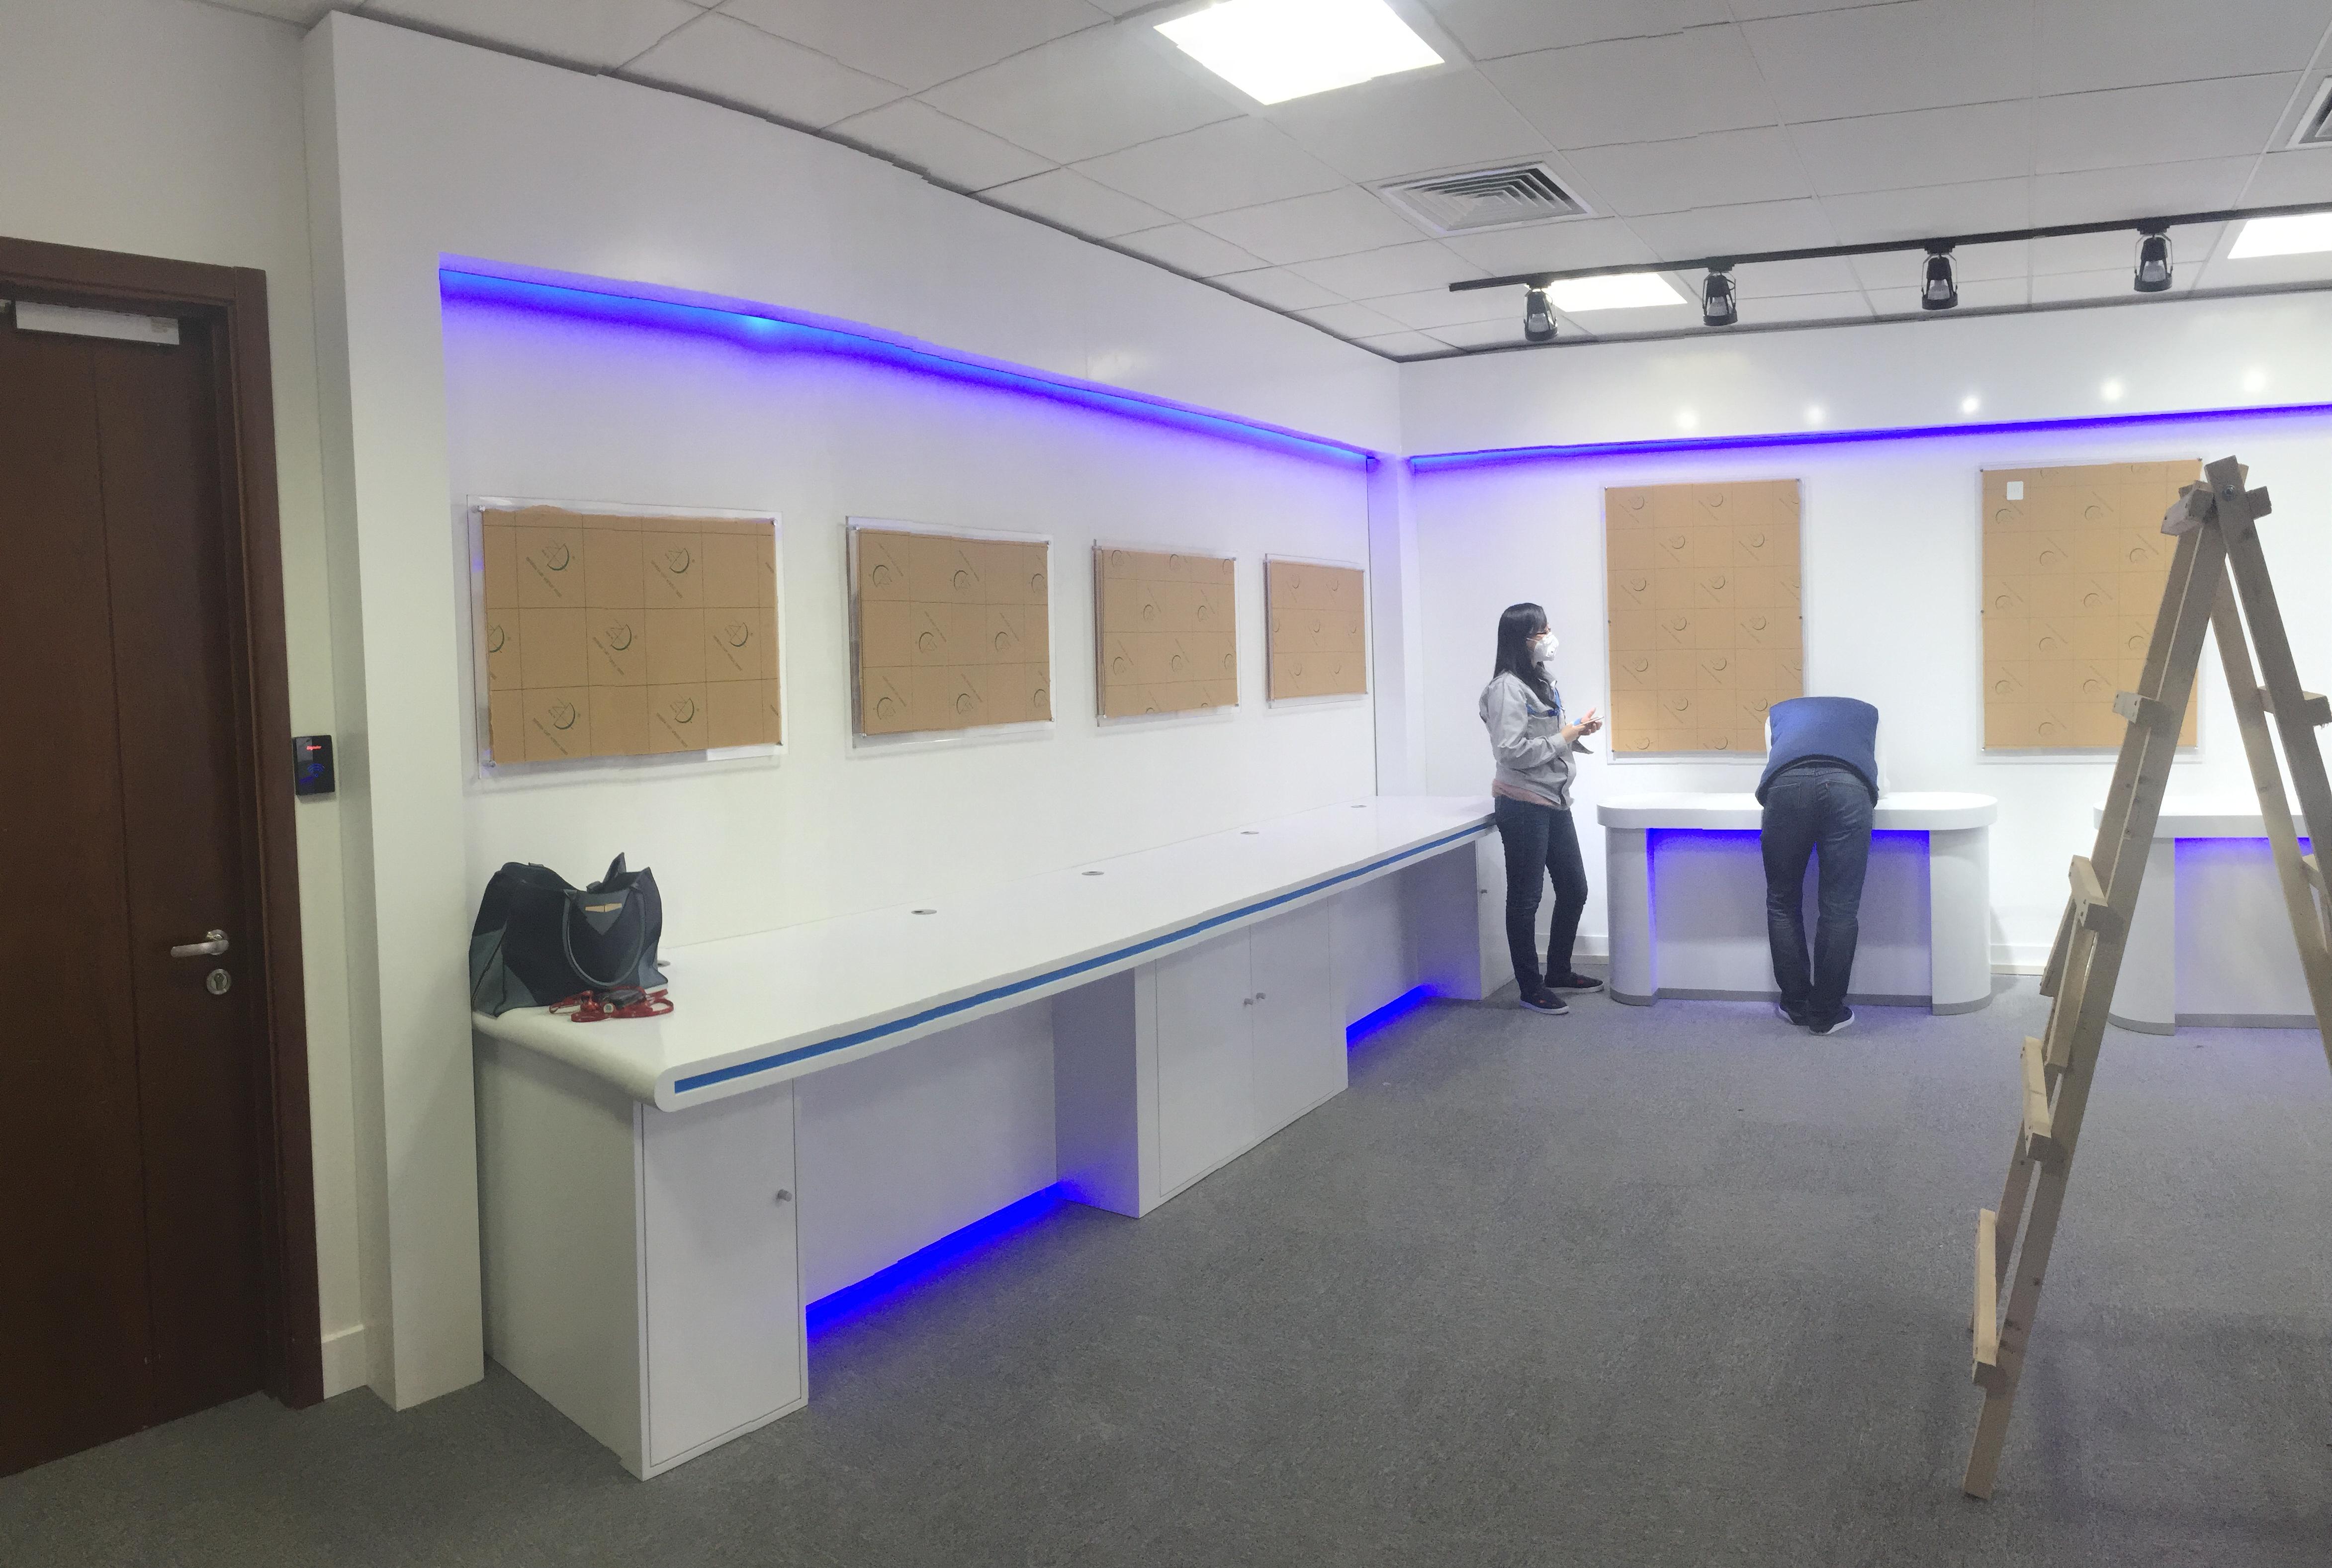 展厅设计搭建 展厅设计搭建@展台设计@平面设计展厅设计搭建展台设计3D设计平面